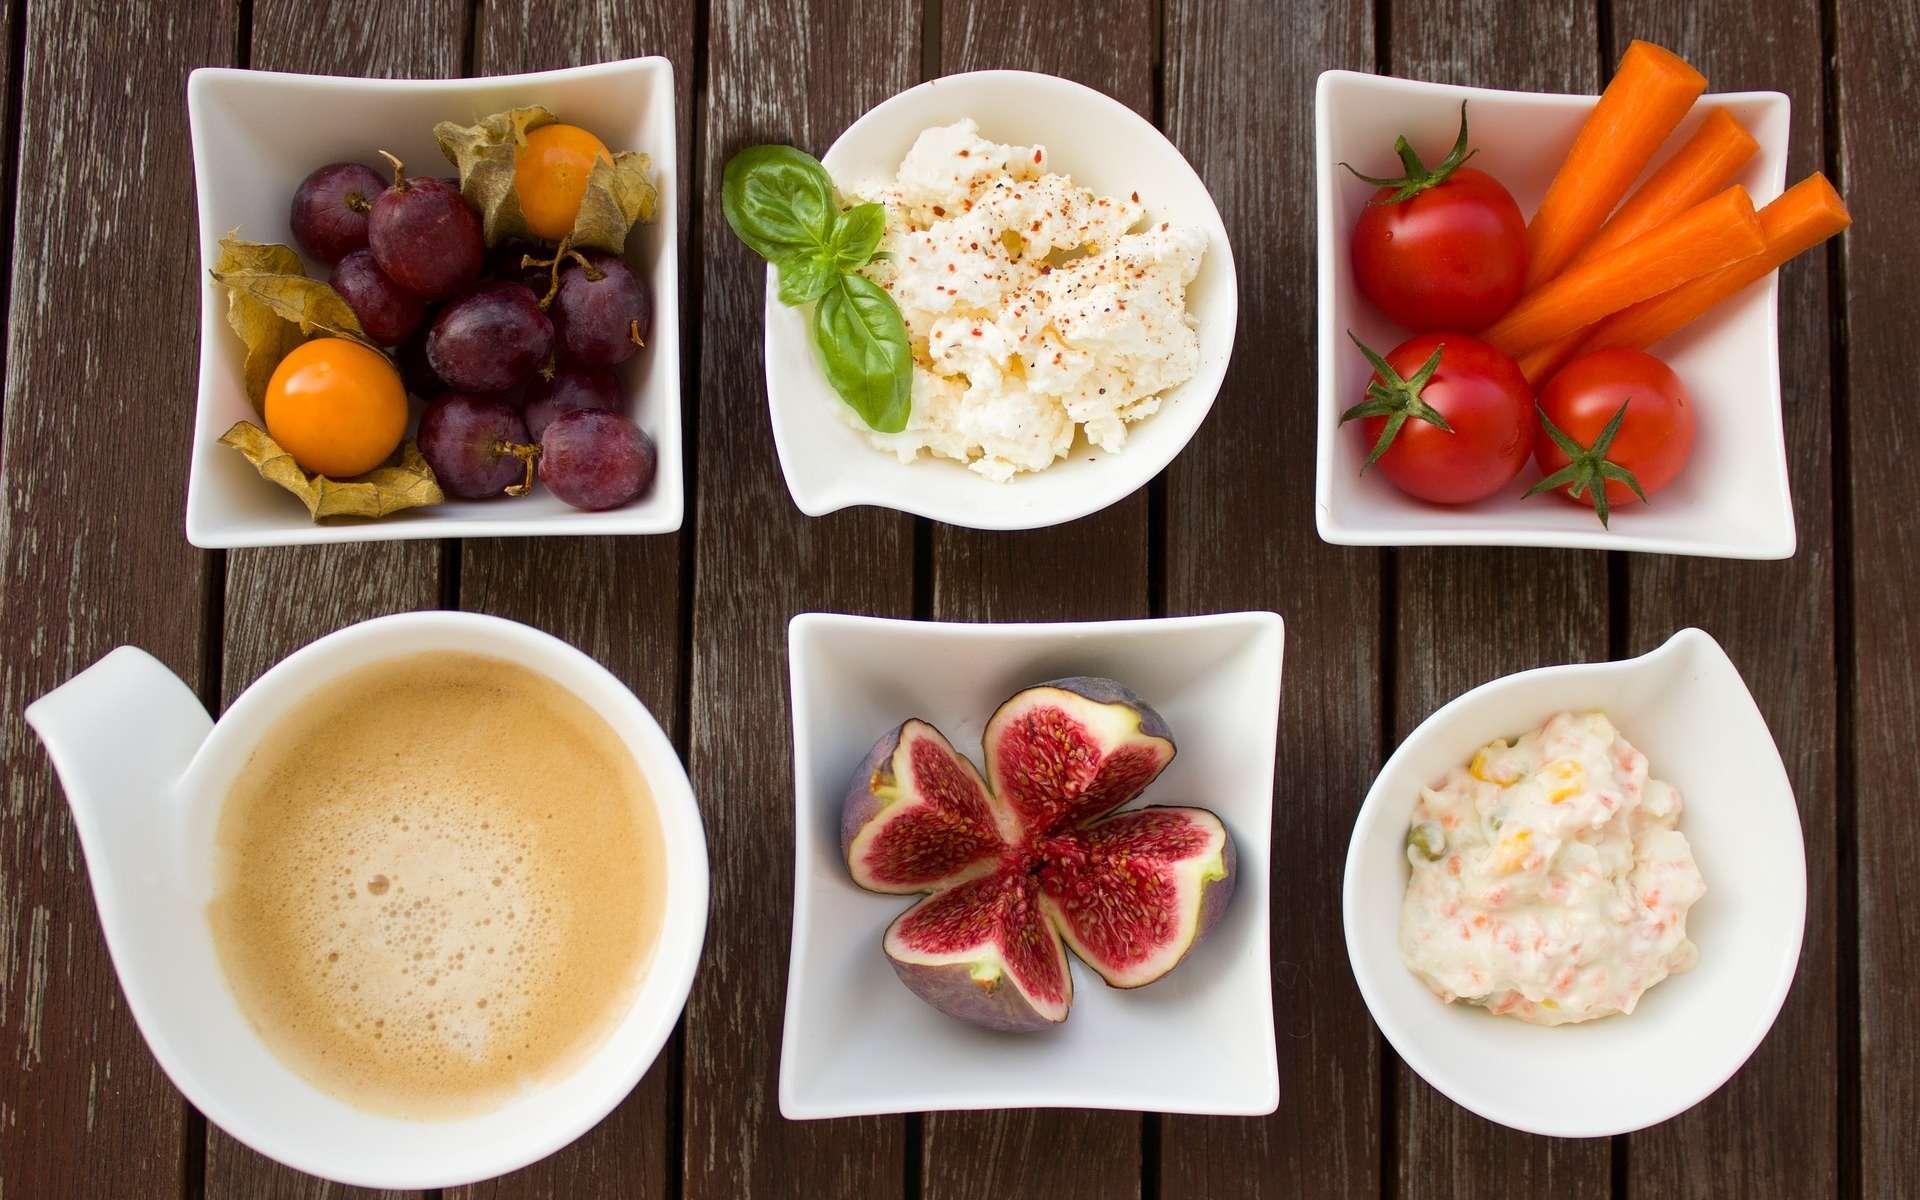 Les lacto-végétariens ne consomment pas de viande, mais acceptent les produits laitiers. © Einladung_zum_Essen, Pixabay, DP